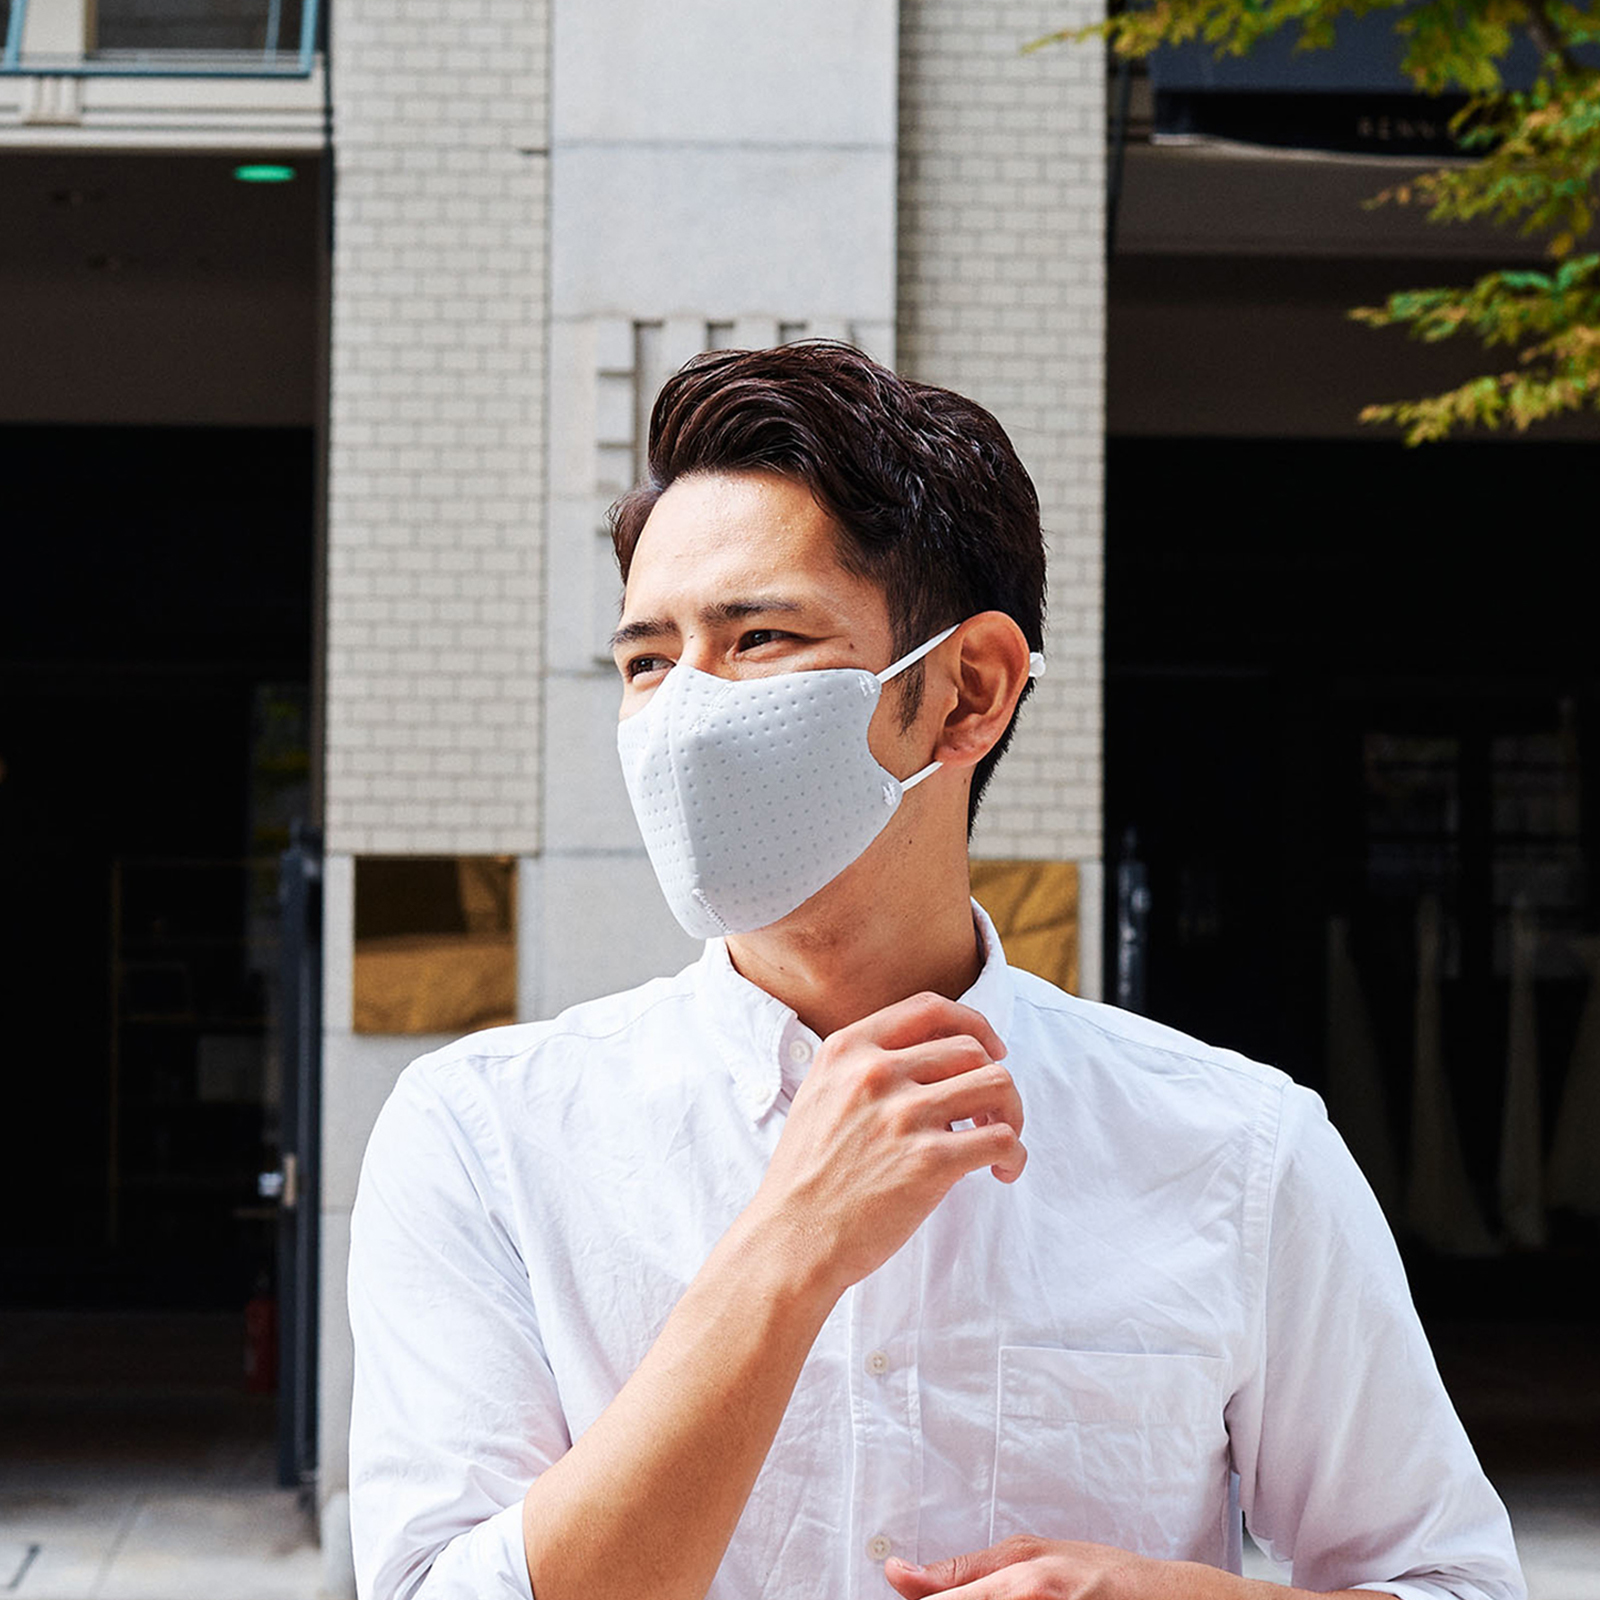 【単色購入】呼吸 Co-que Air シルバー グレー Lサイズ